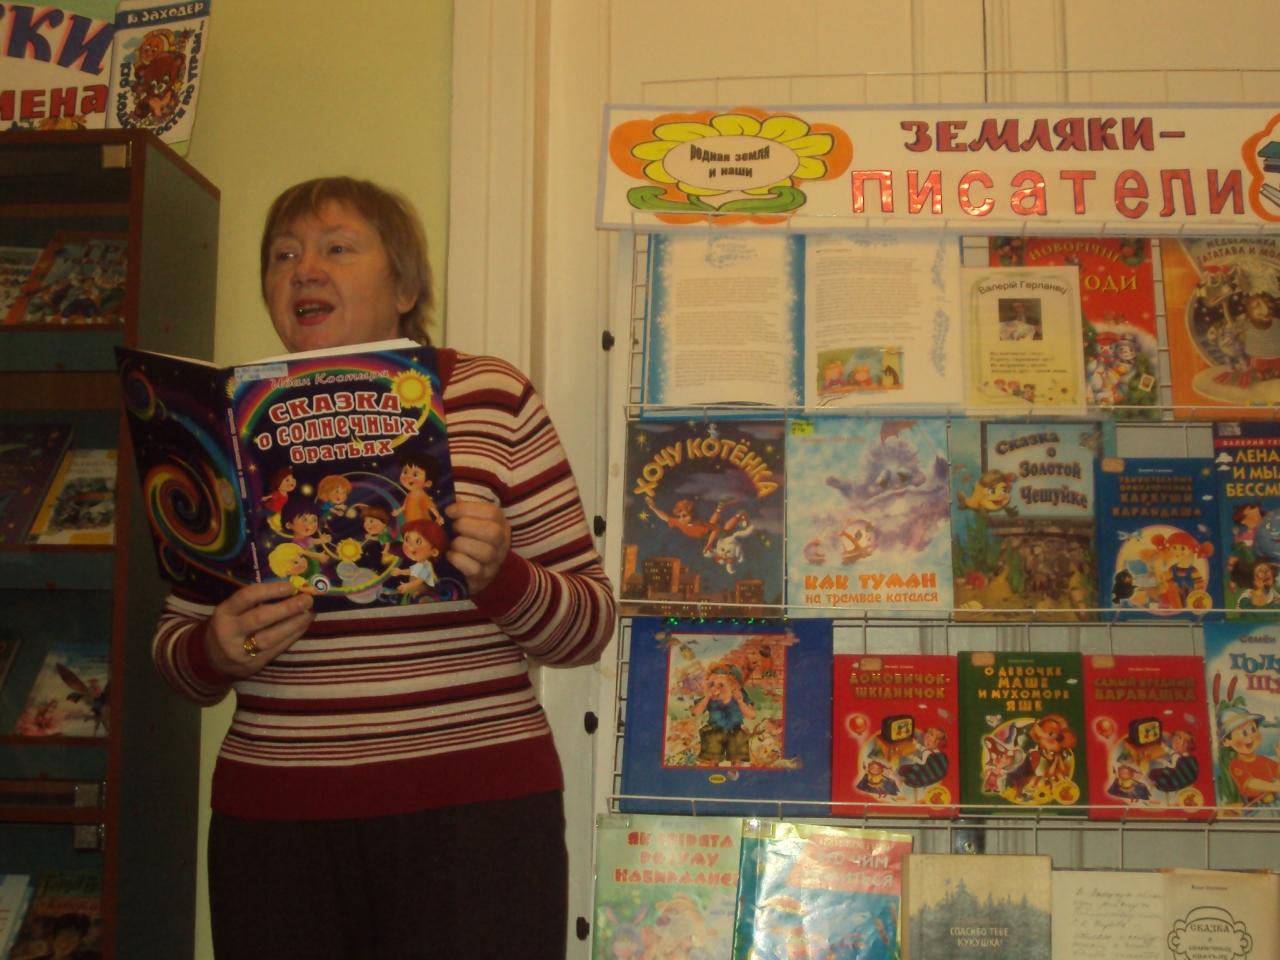 отдел обслуживания дошкольников и учащихся 1-4 классов, донецкая республиканская библиотека для детей, в библиотеке мероприятия для детей, работа с детьми в библиотеке, игры в библиотеке для детей, конкурсы в библиотеке для детей, обслуживание детей в библиотеке